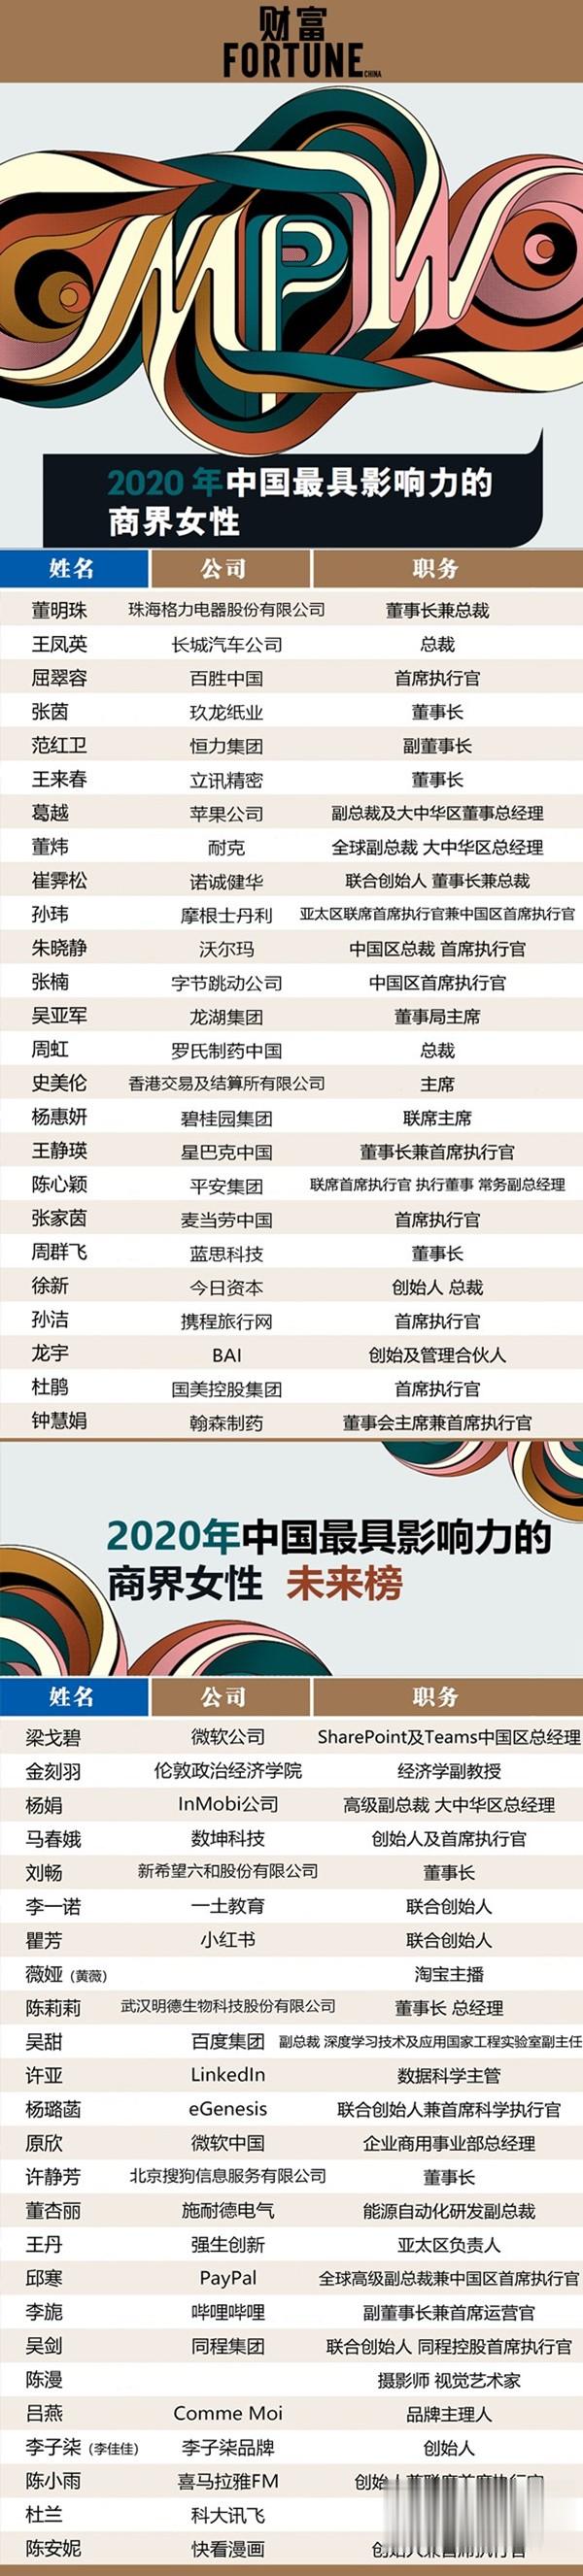 中國最具影響力商界女性: 董明珠蟬聯 薇婭李子柒上榜-圖2